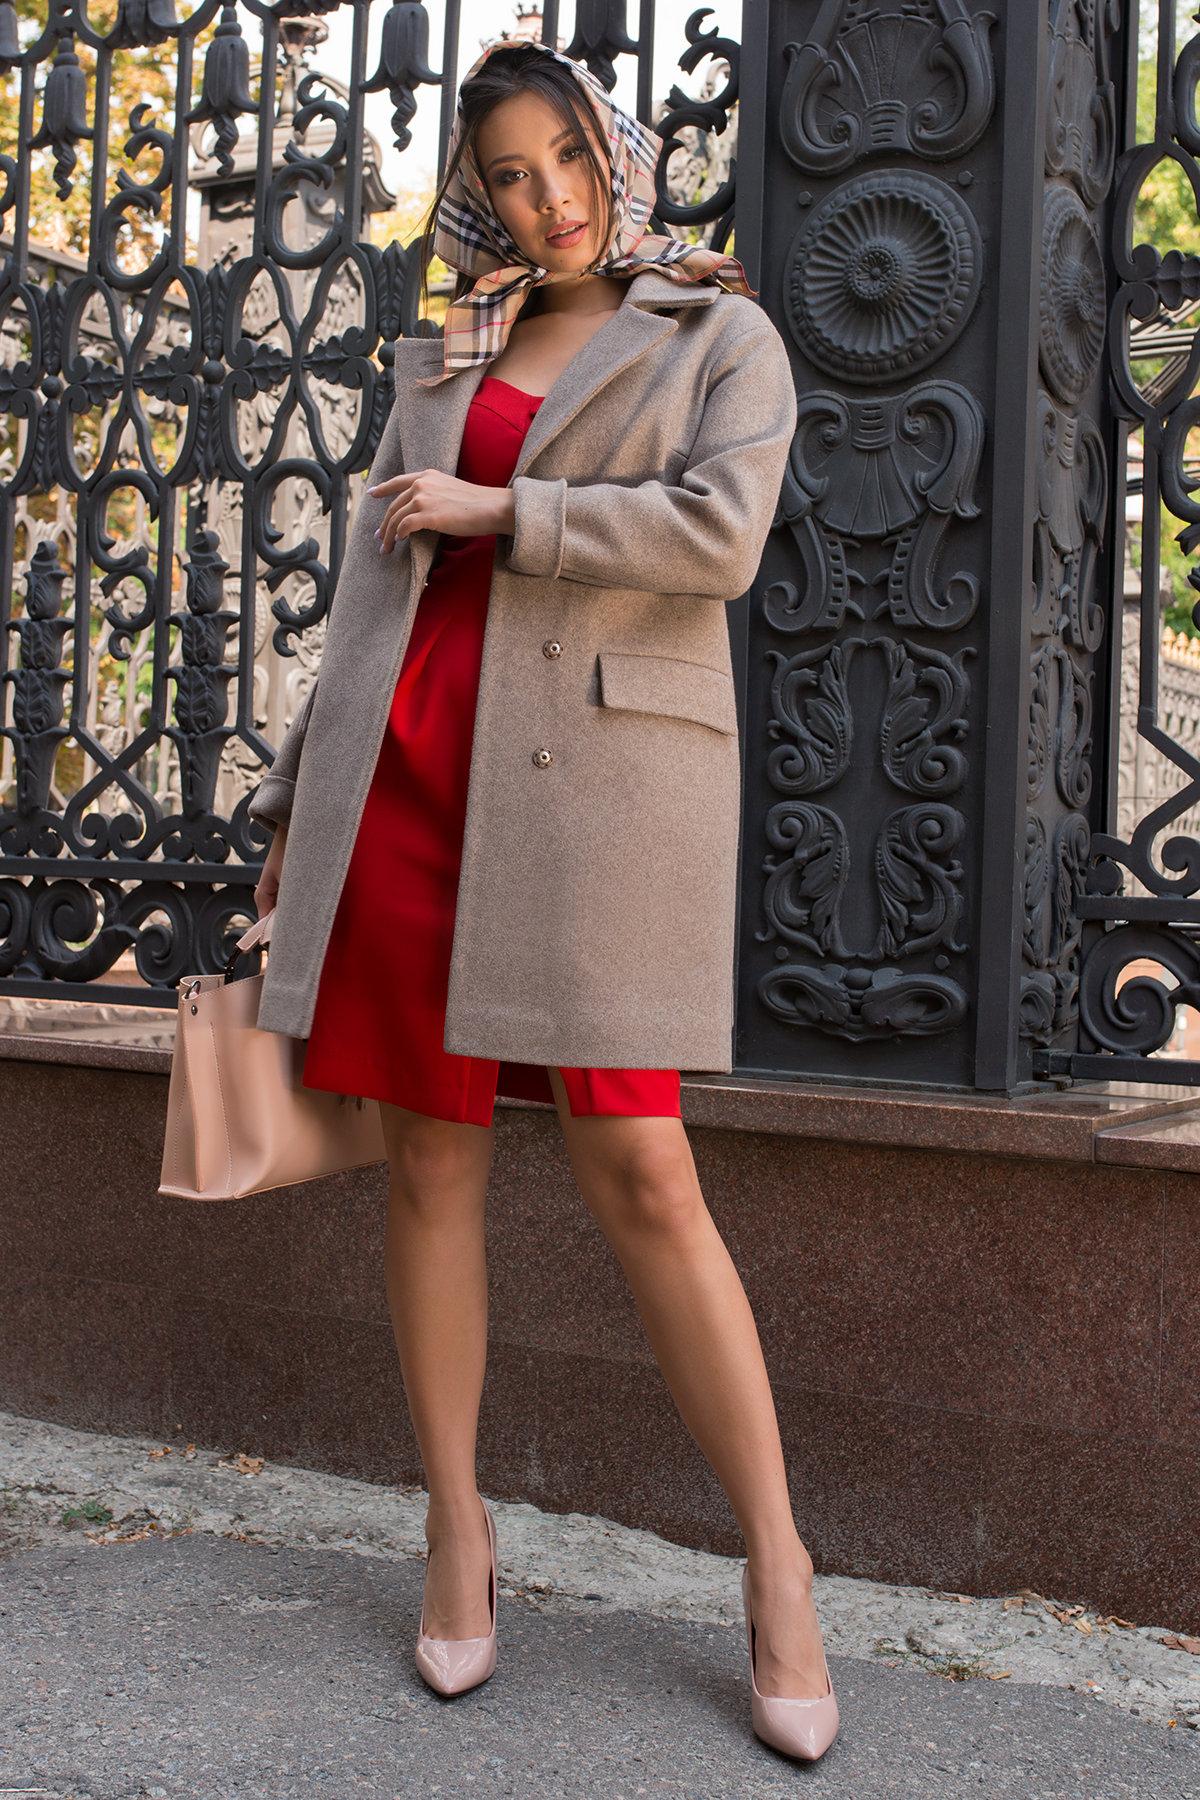 Платье-футляр Прованс 7871 АРТ. 43887 Цвет: Красный - фото 4, интернет магазин tm-modus.ru